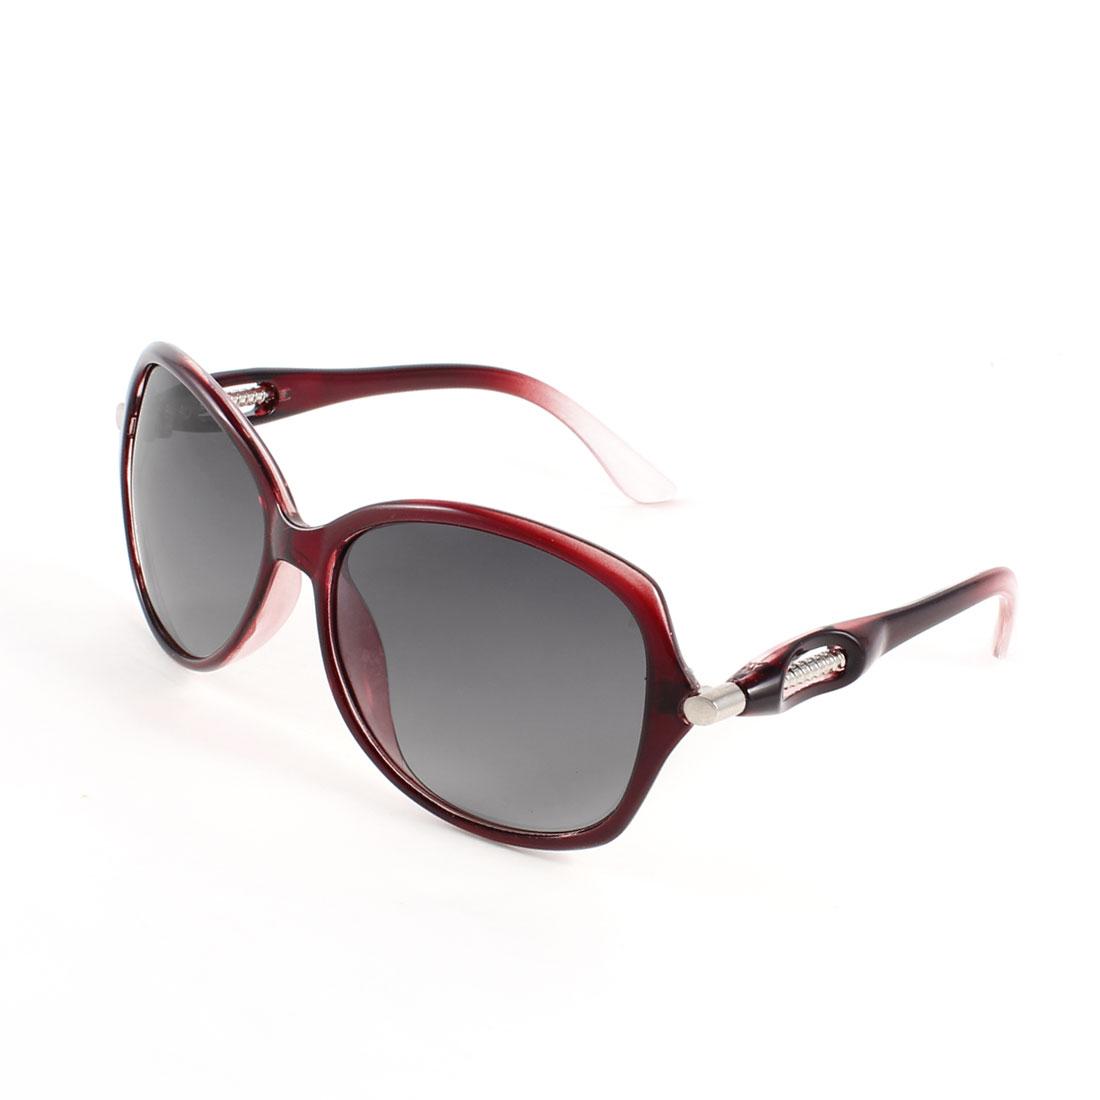 Burgundy Full Frame Dark Gray Lens Outdoor Polarized Sunglasses for Lady